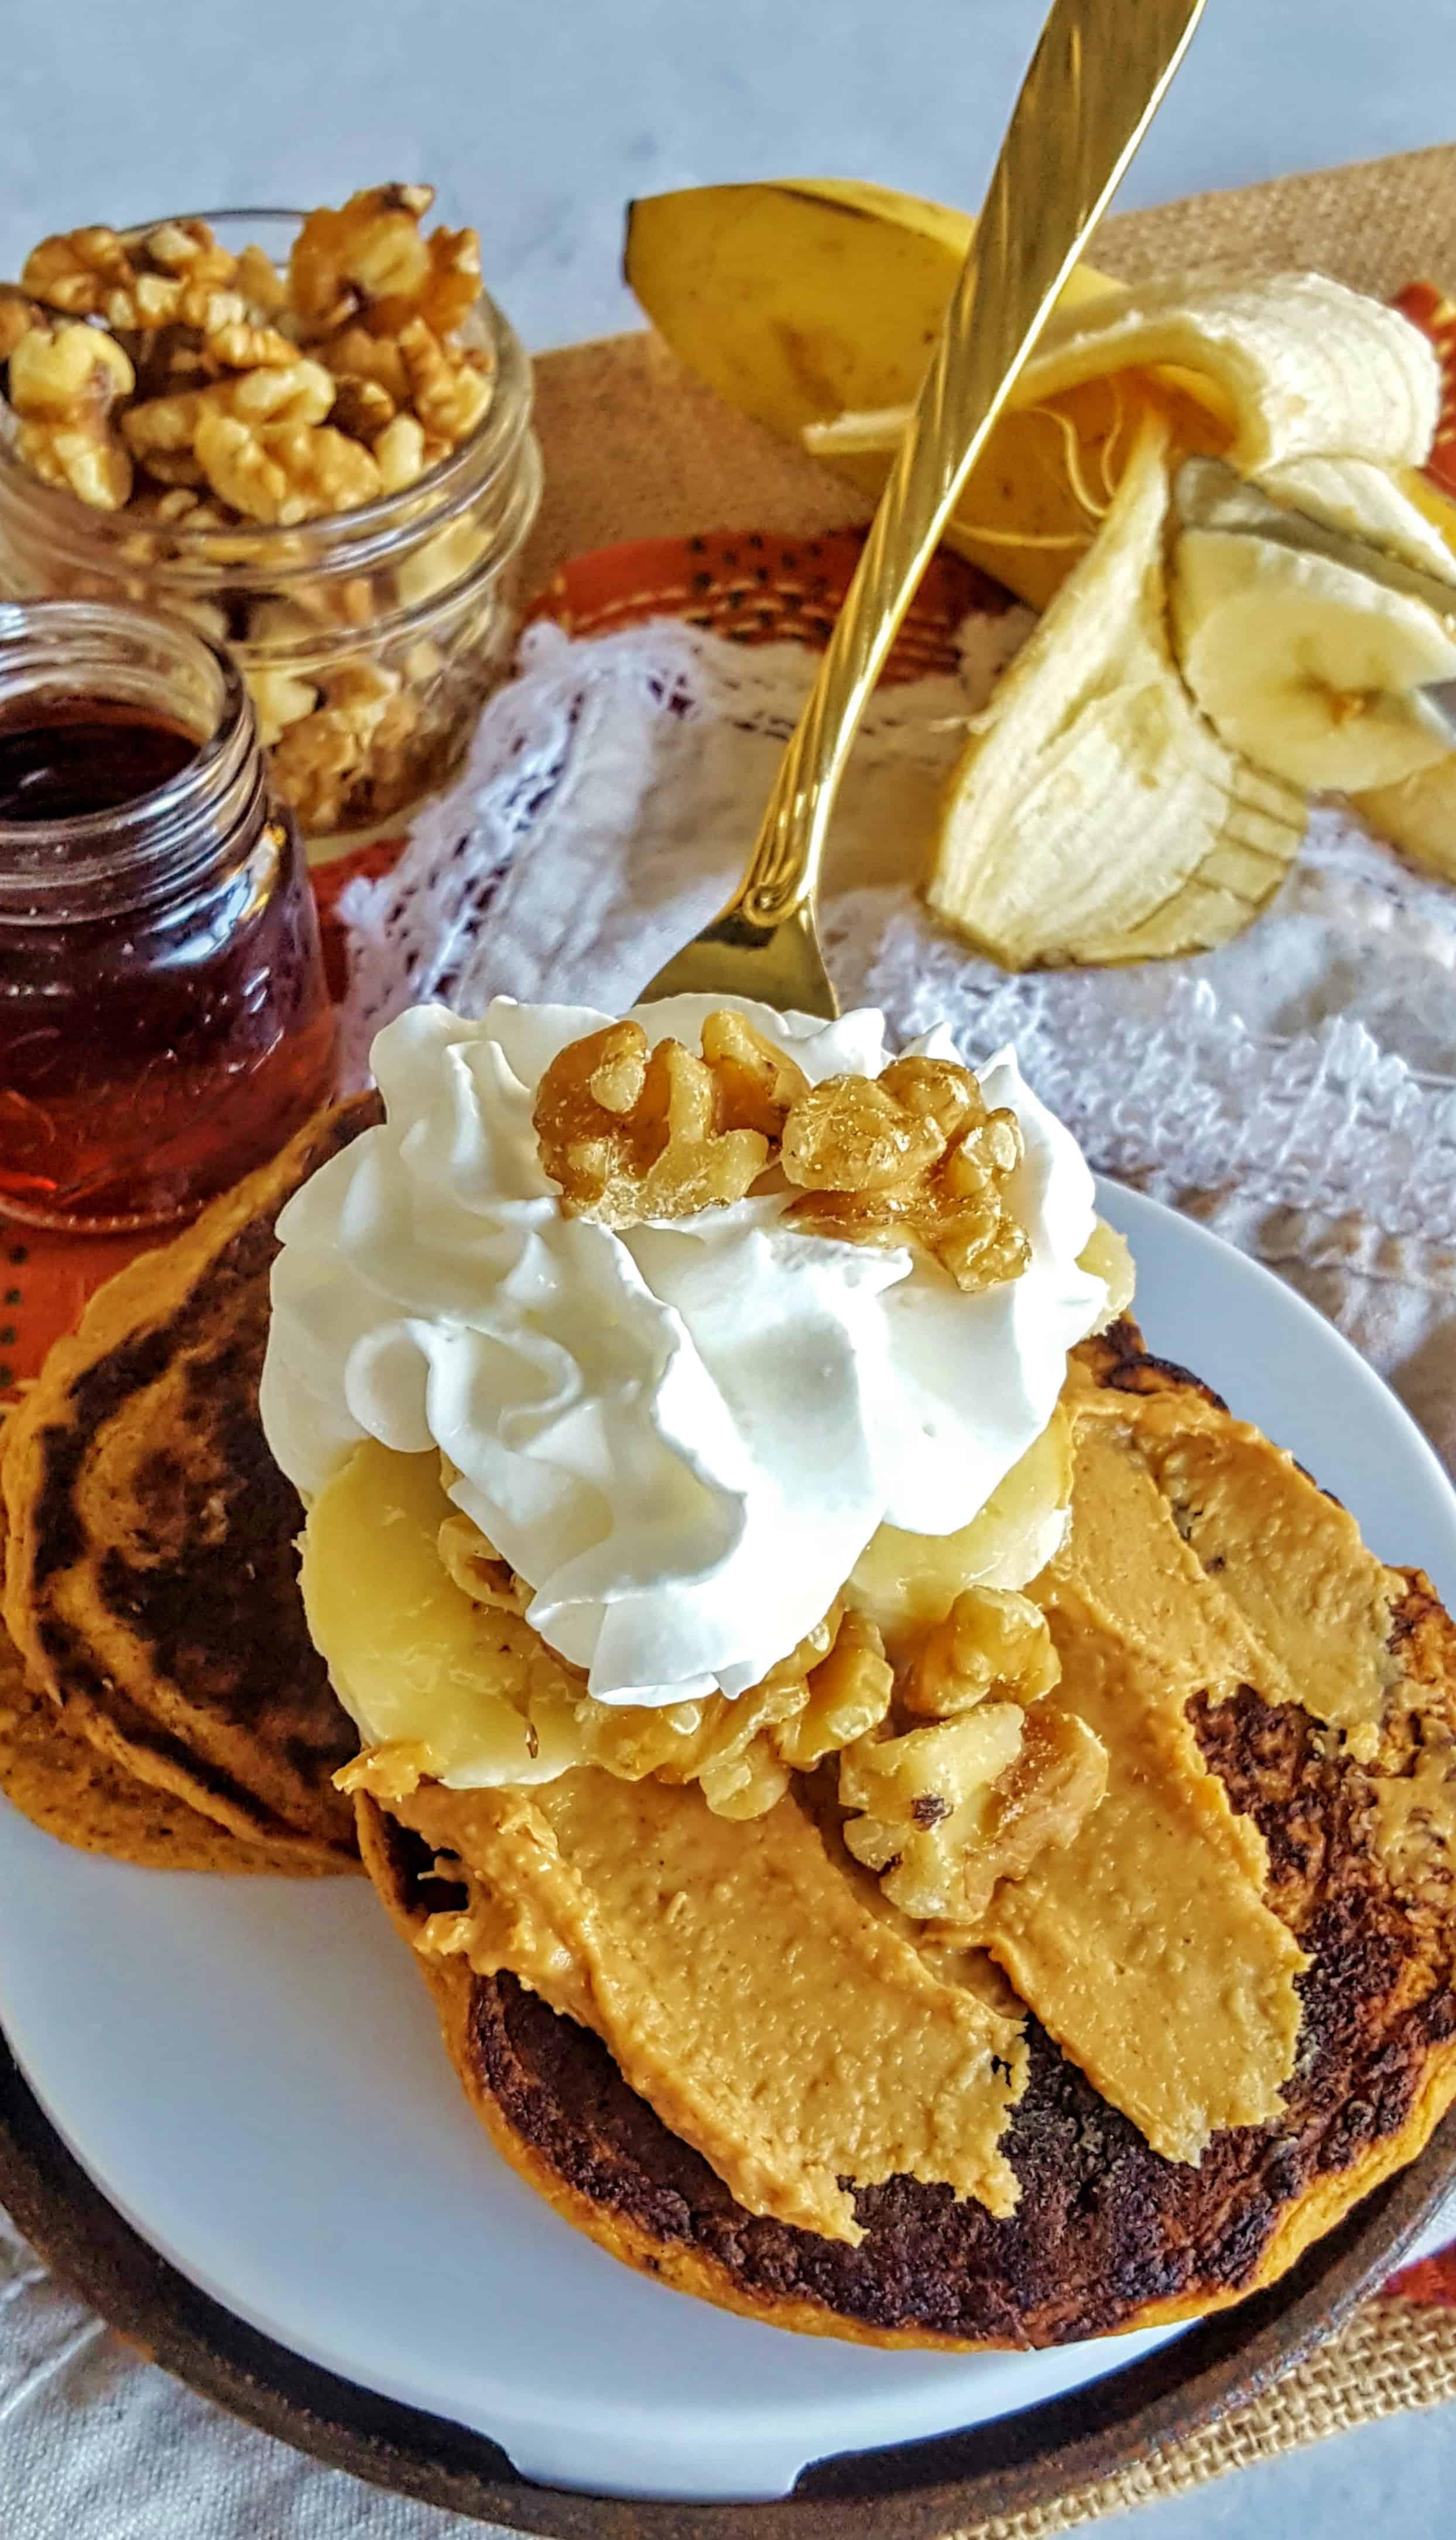 Sweet Potato Pancakes @shawsimpleswaps Low Sugar, High FIber, Full Flavor!